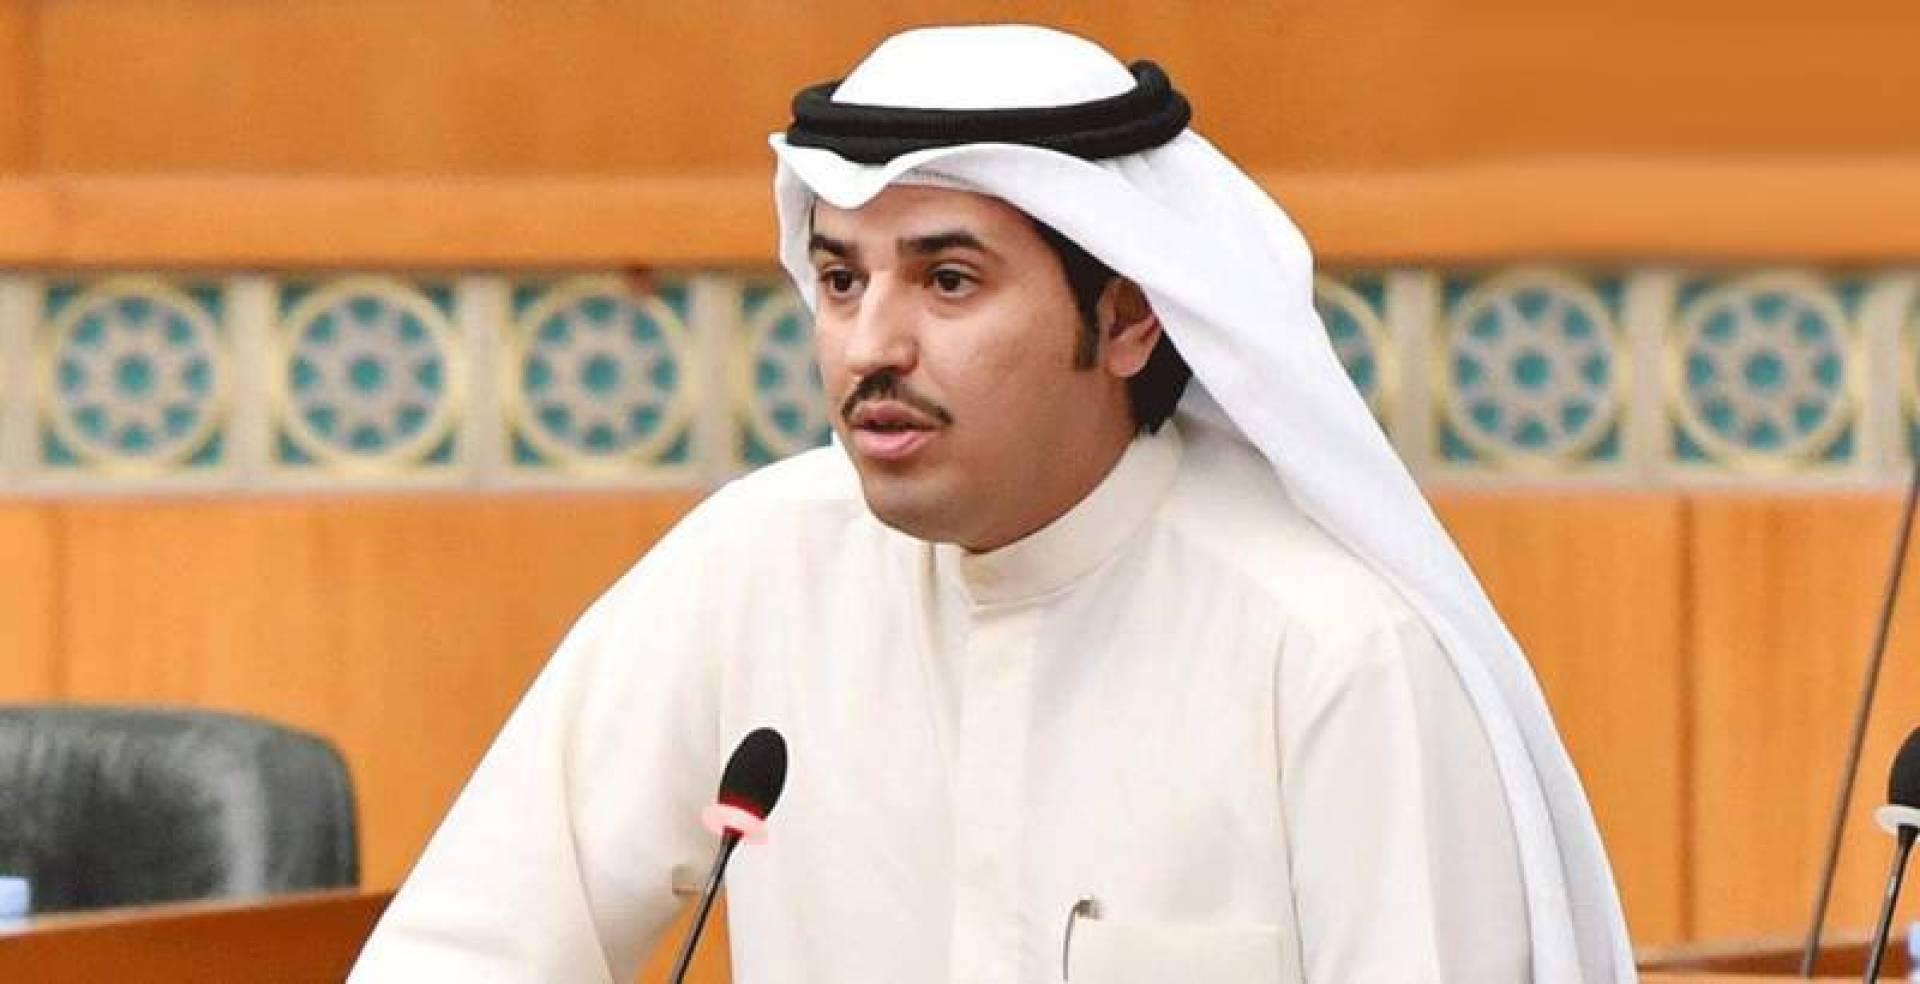 ناصر الدوسري: الوثيقة الاقتصادية مرفوضة جملة وتفصيلاً